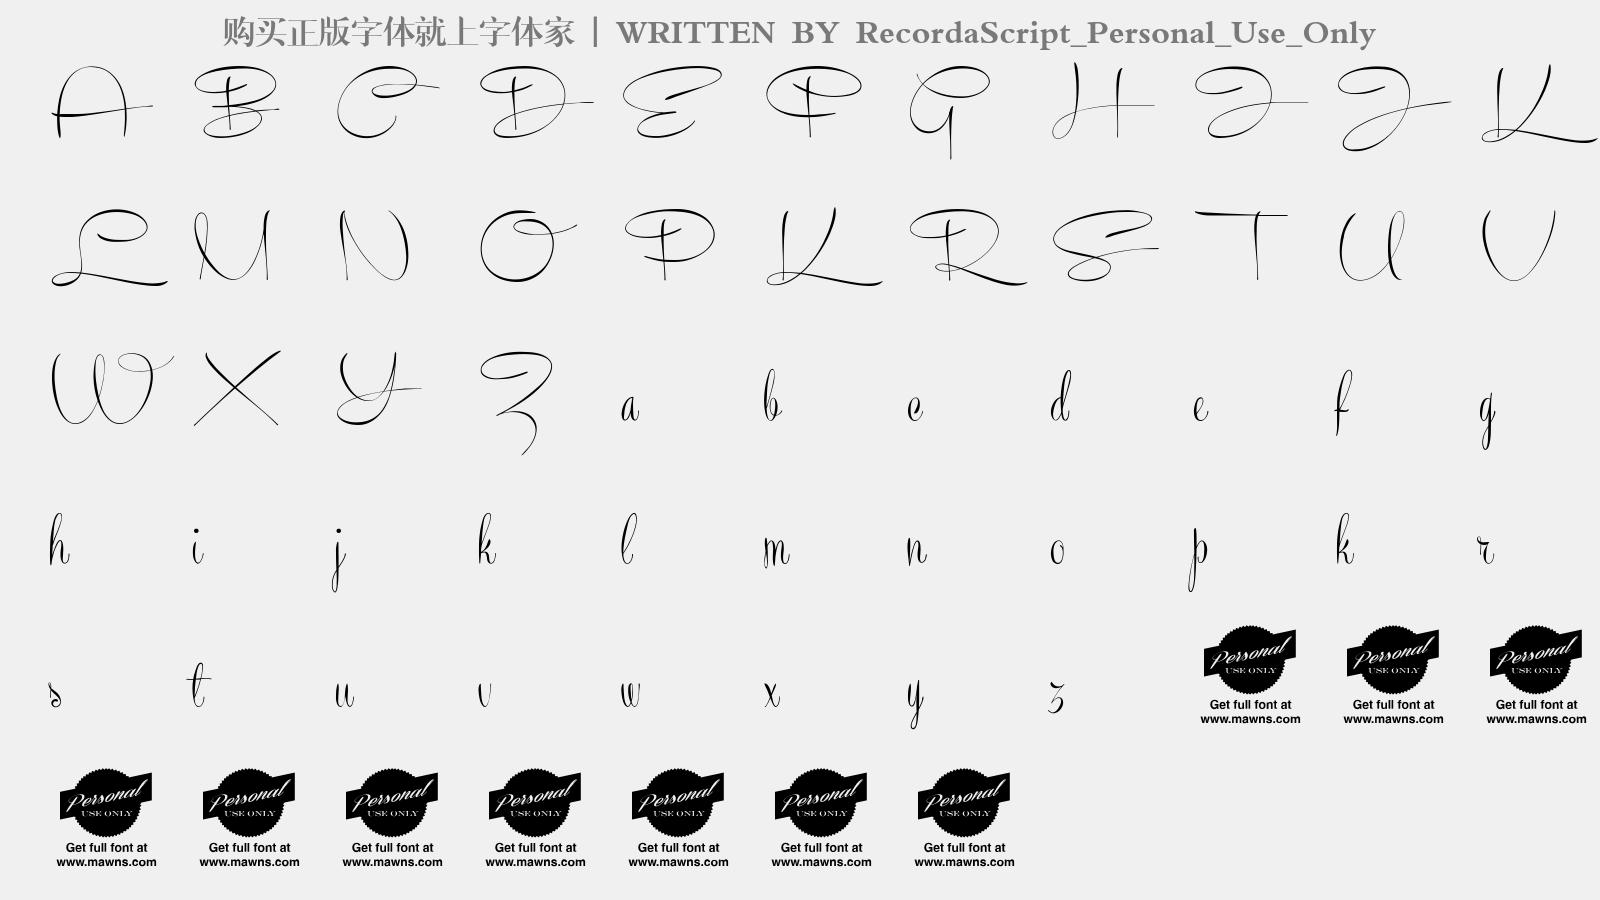 很想很想你txt下载_RecordaScript_Personal_Use_Only免费字体下载 - 英文字体免费下载尽在 ...